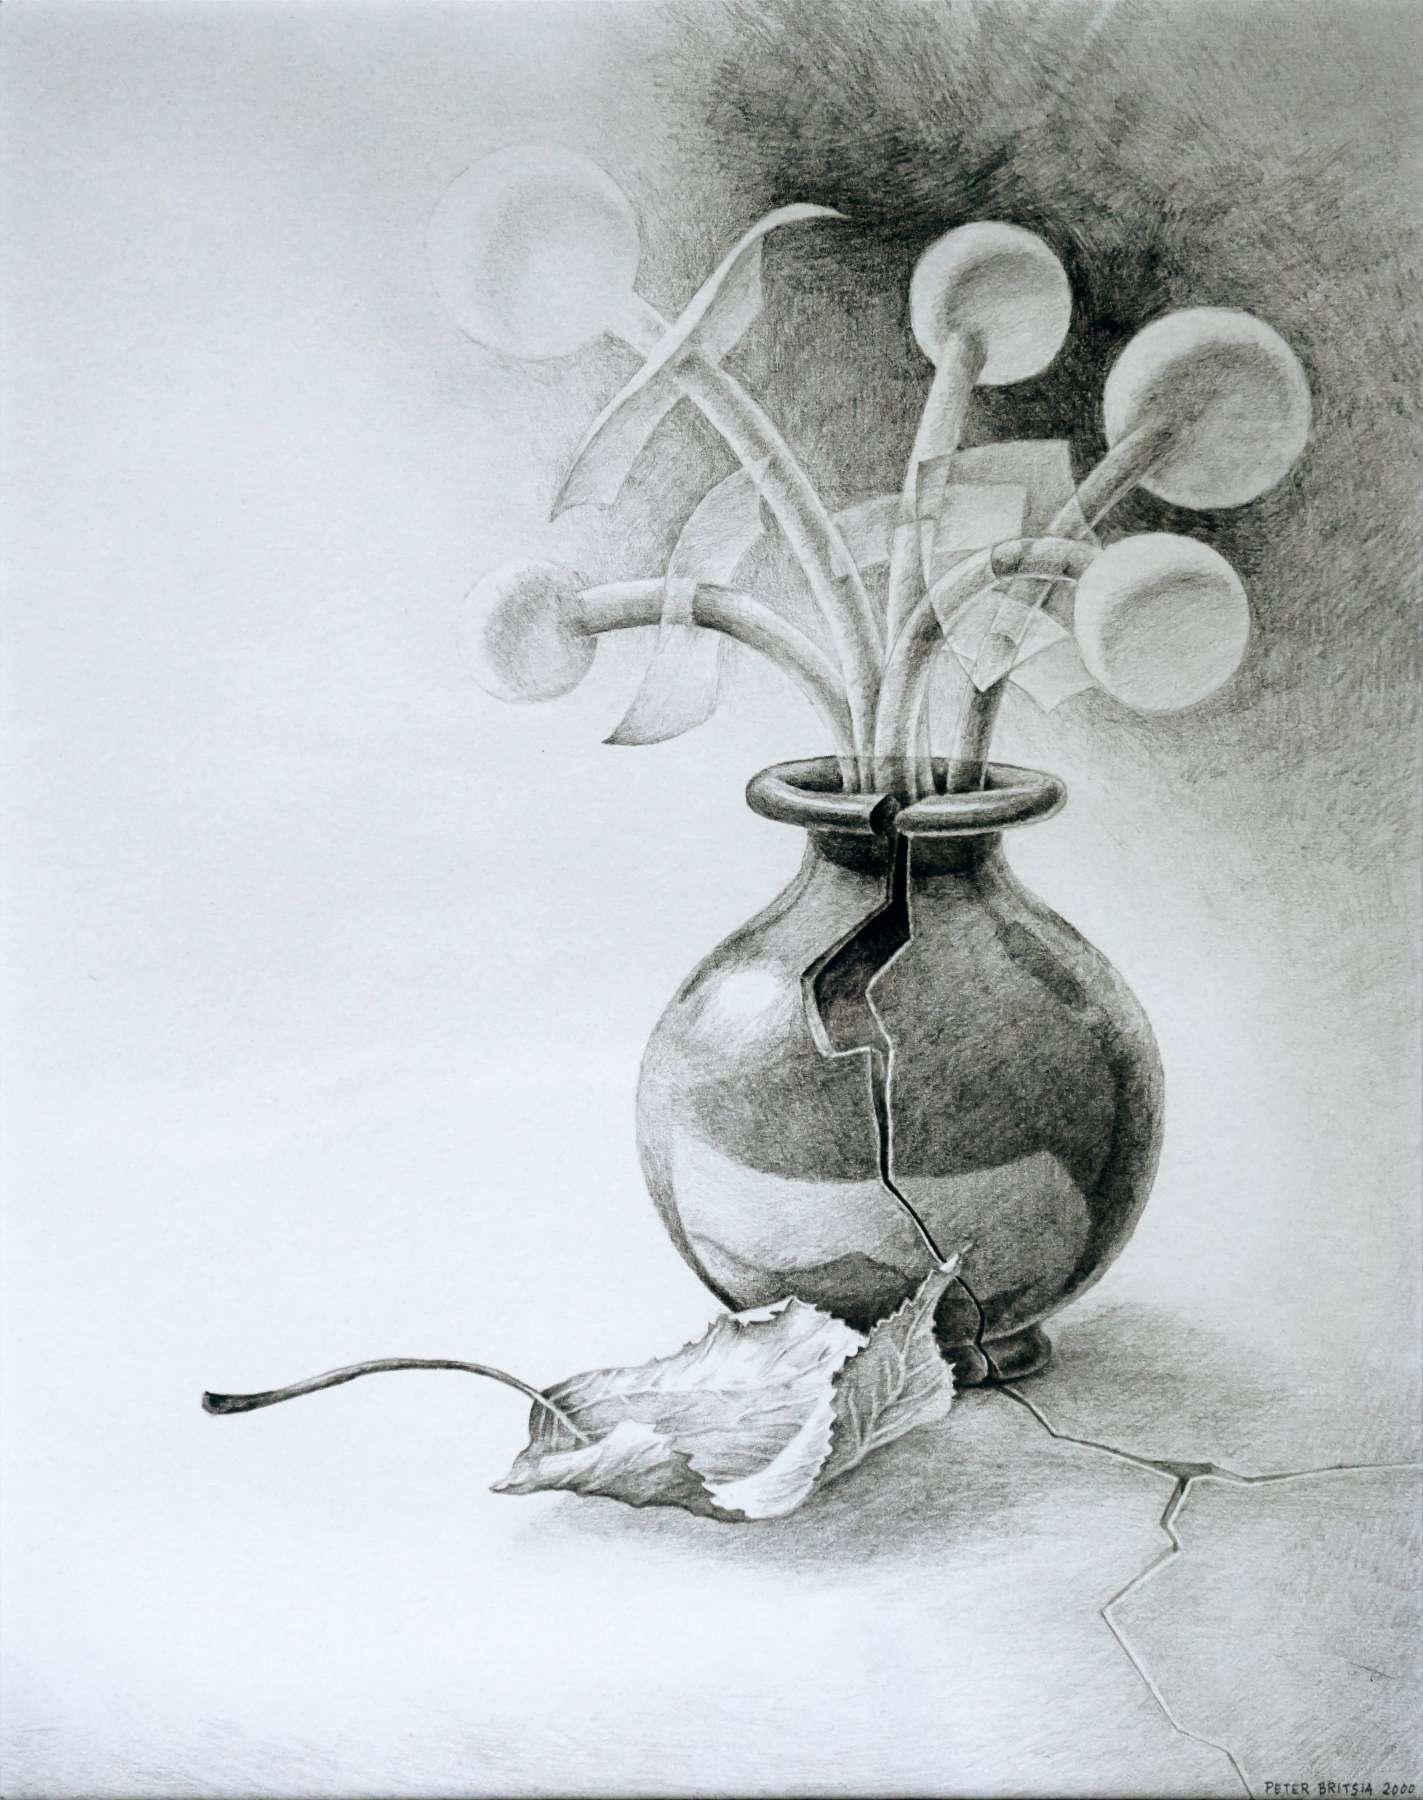 Vaas met bedenksels - potloodtekening<br>Een vaas met bloemknoppen en bladeren. Wat is echt en wat is een bedenksel?